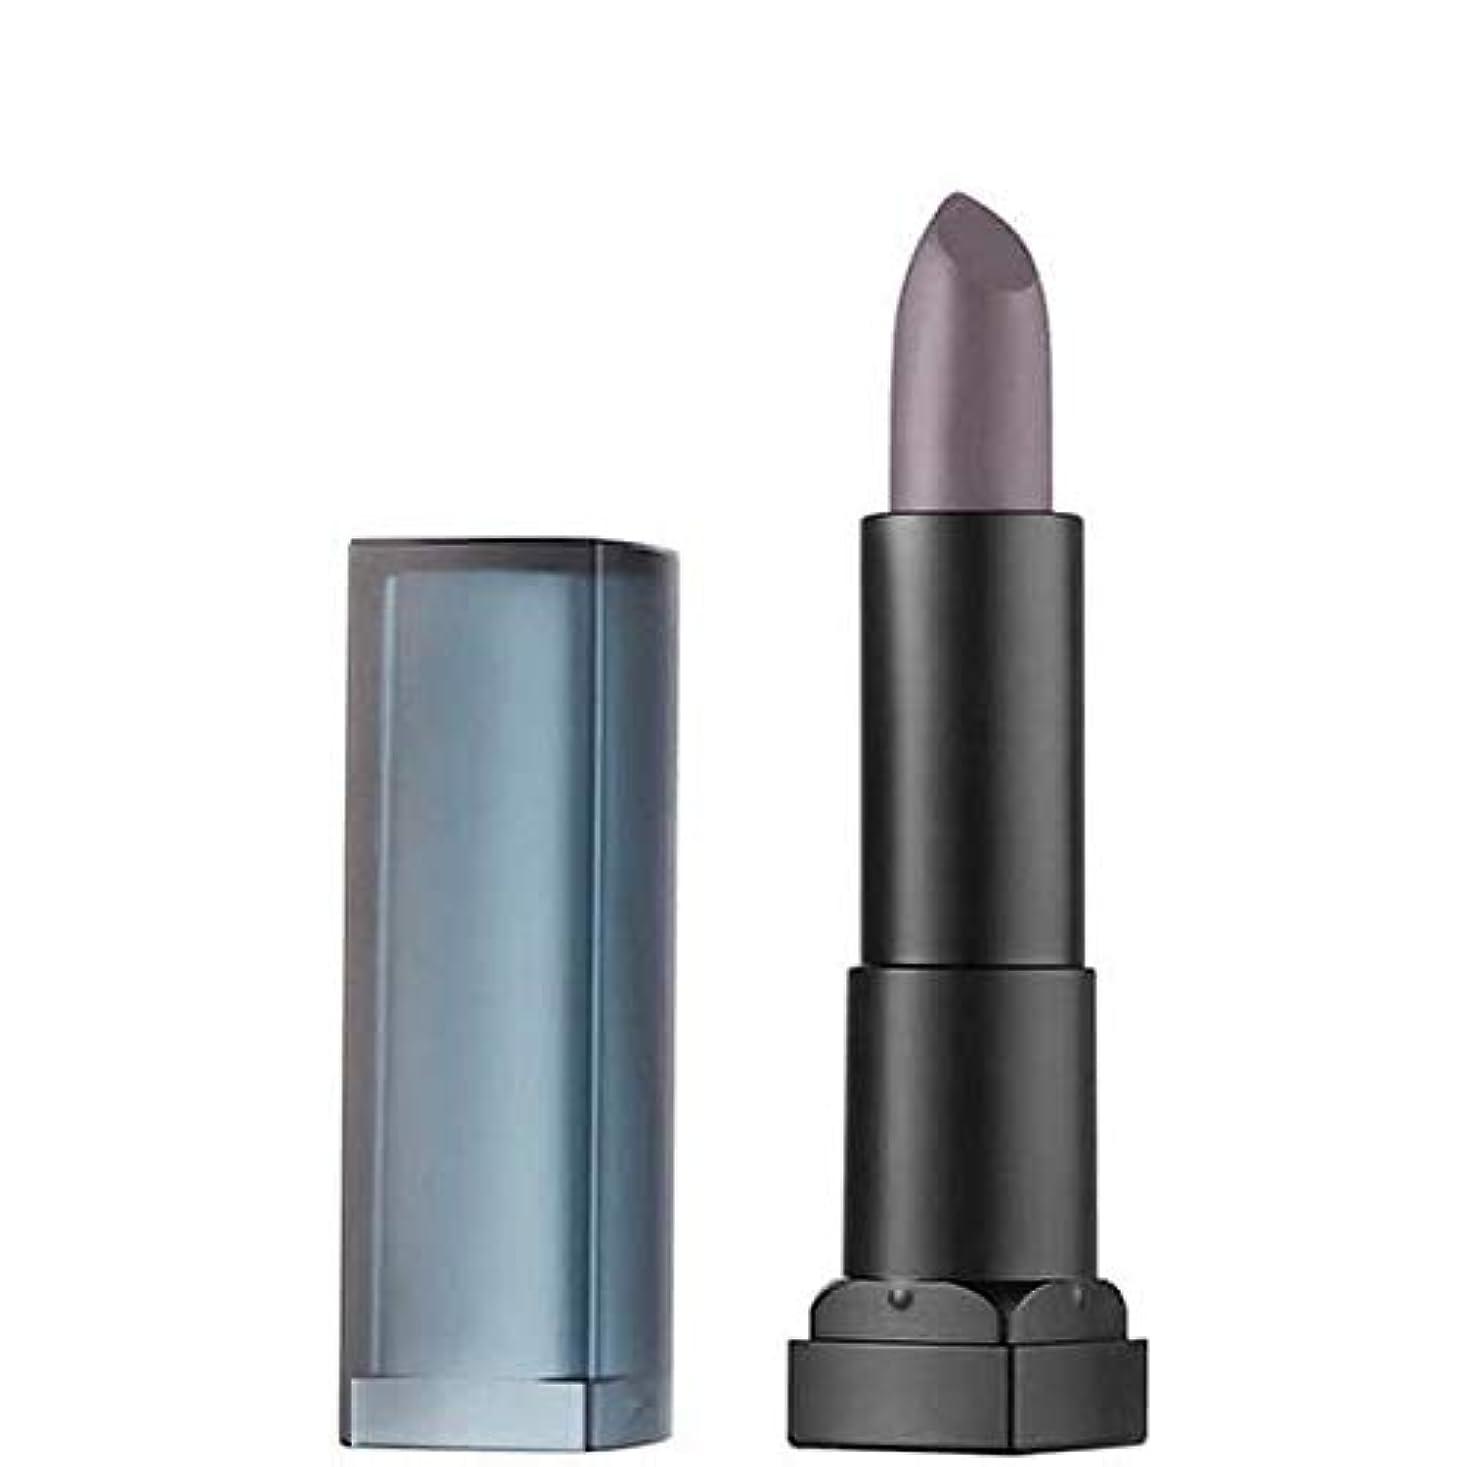 ラジカルほとんどないヒロイック[Maybelline ] メイベリンカラー扇情的なマットな口紅25冷却グレー - Maybelline Color Sensational Matte Lipstick 25 Chilling Grey [並行輸入品]